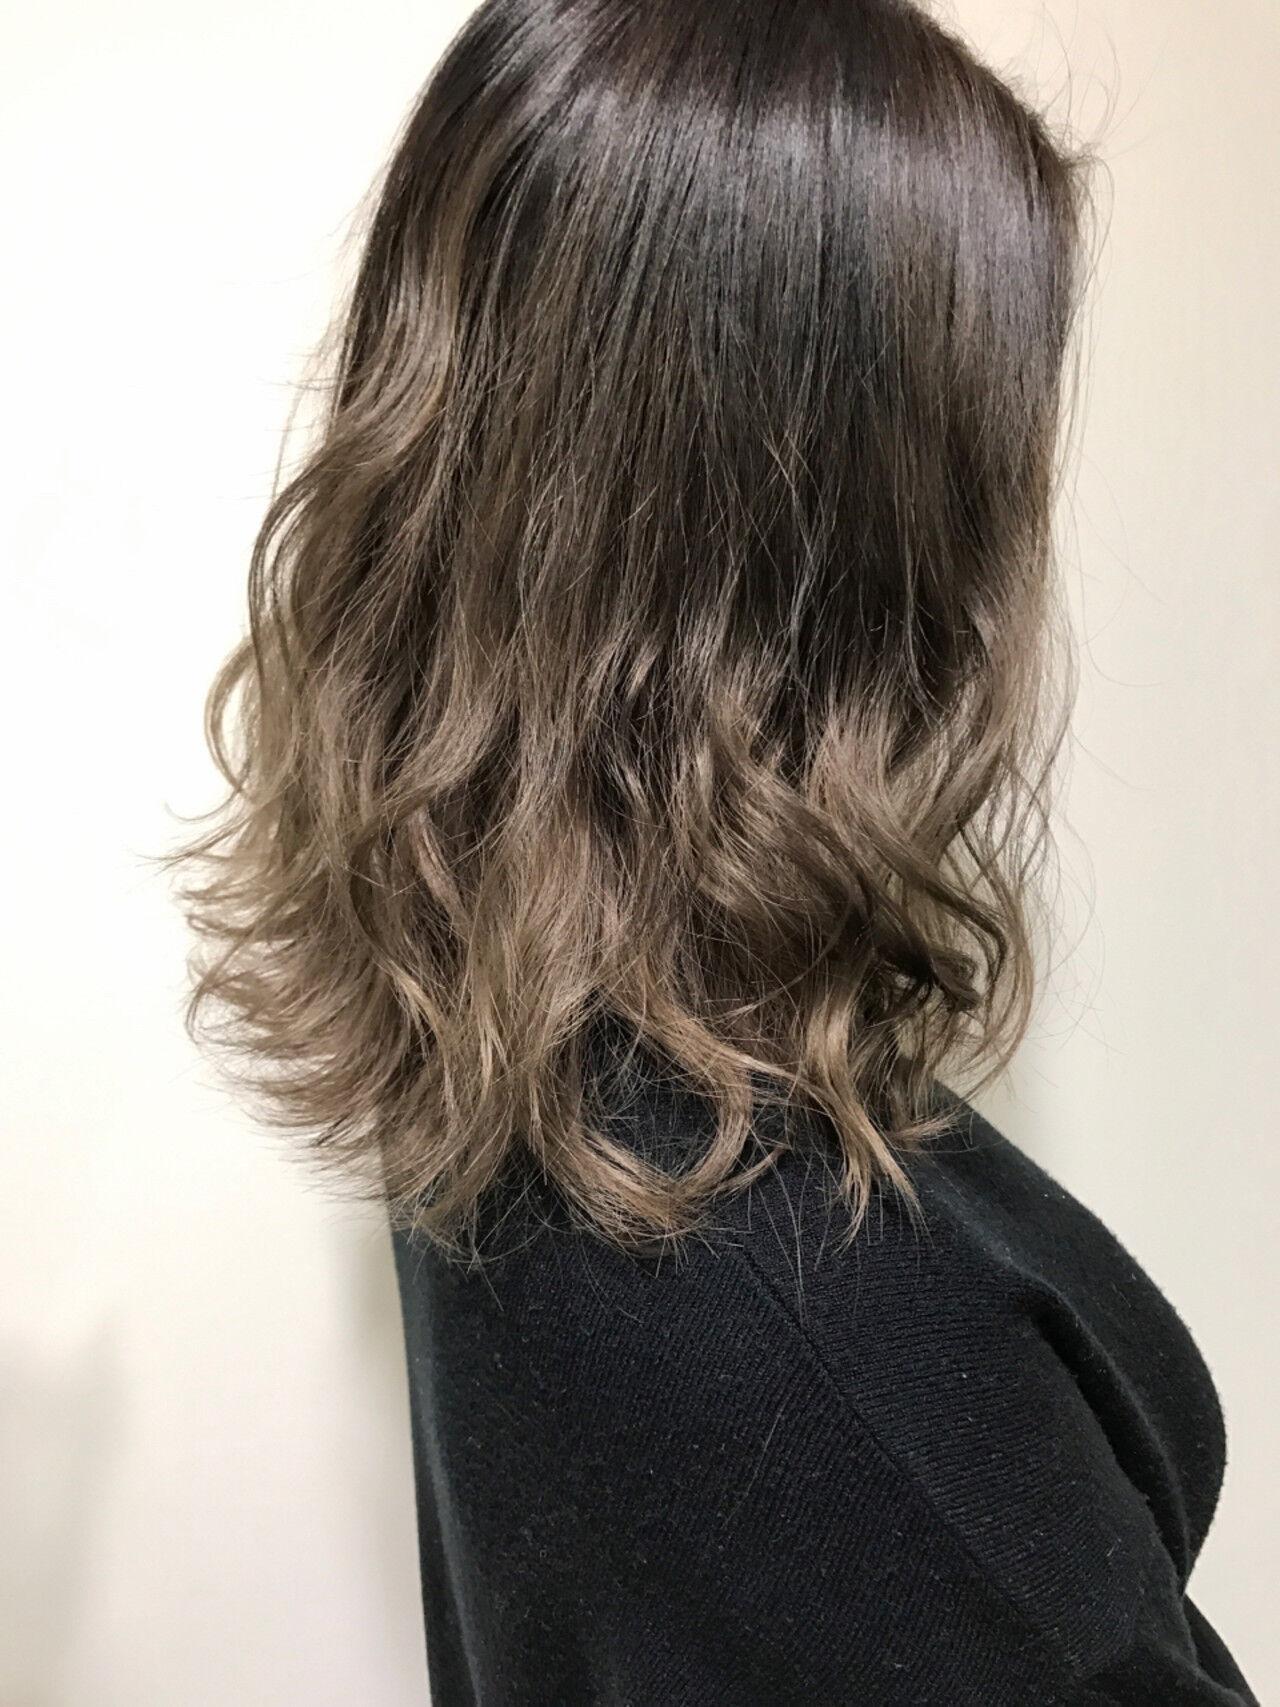 ボブ ガーリー ミディアム グラデーションカラーヘアスタイルや髪型の写真・画像